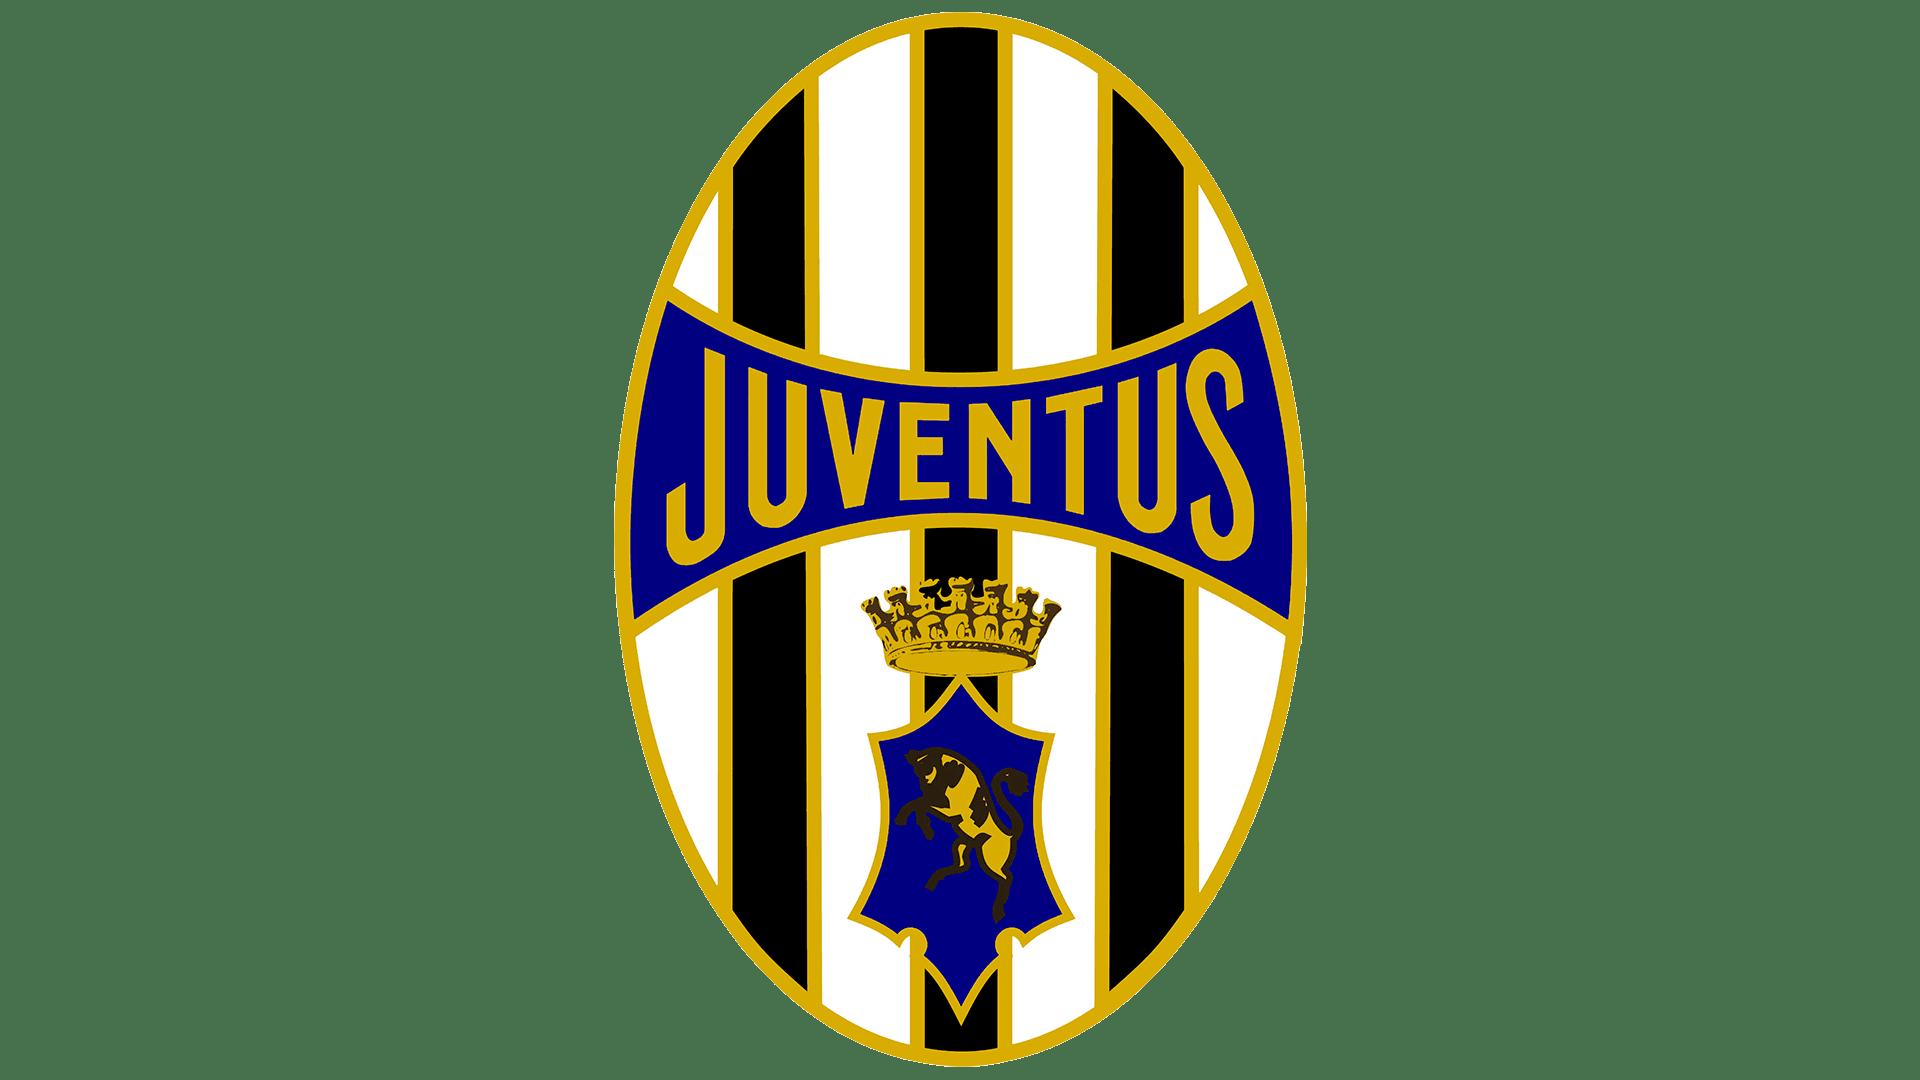 Juventus Logo | Significado, História e PNG